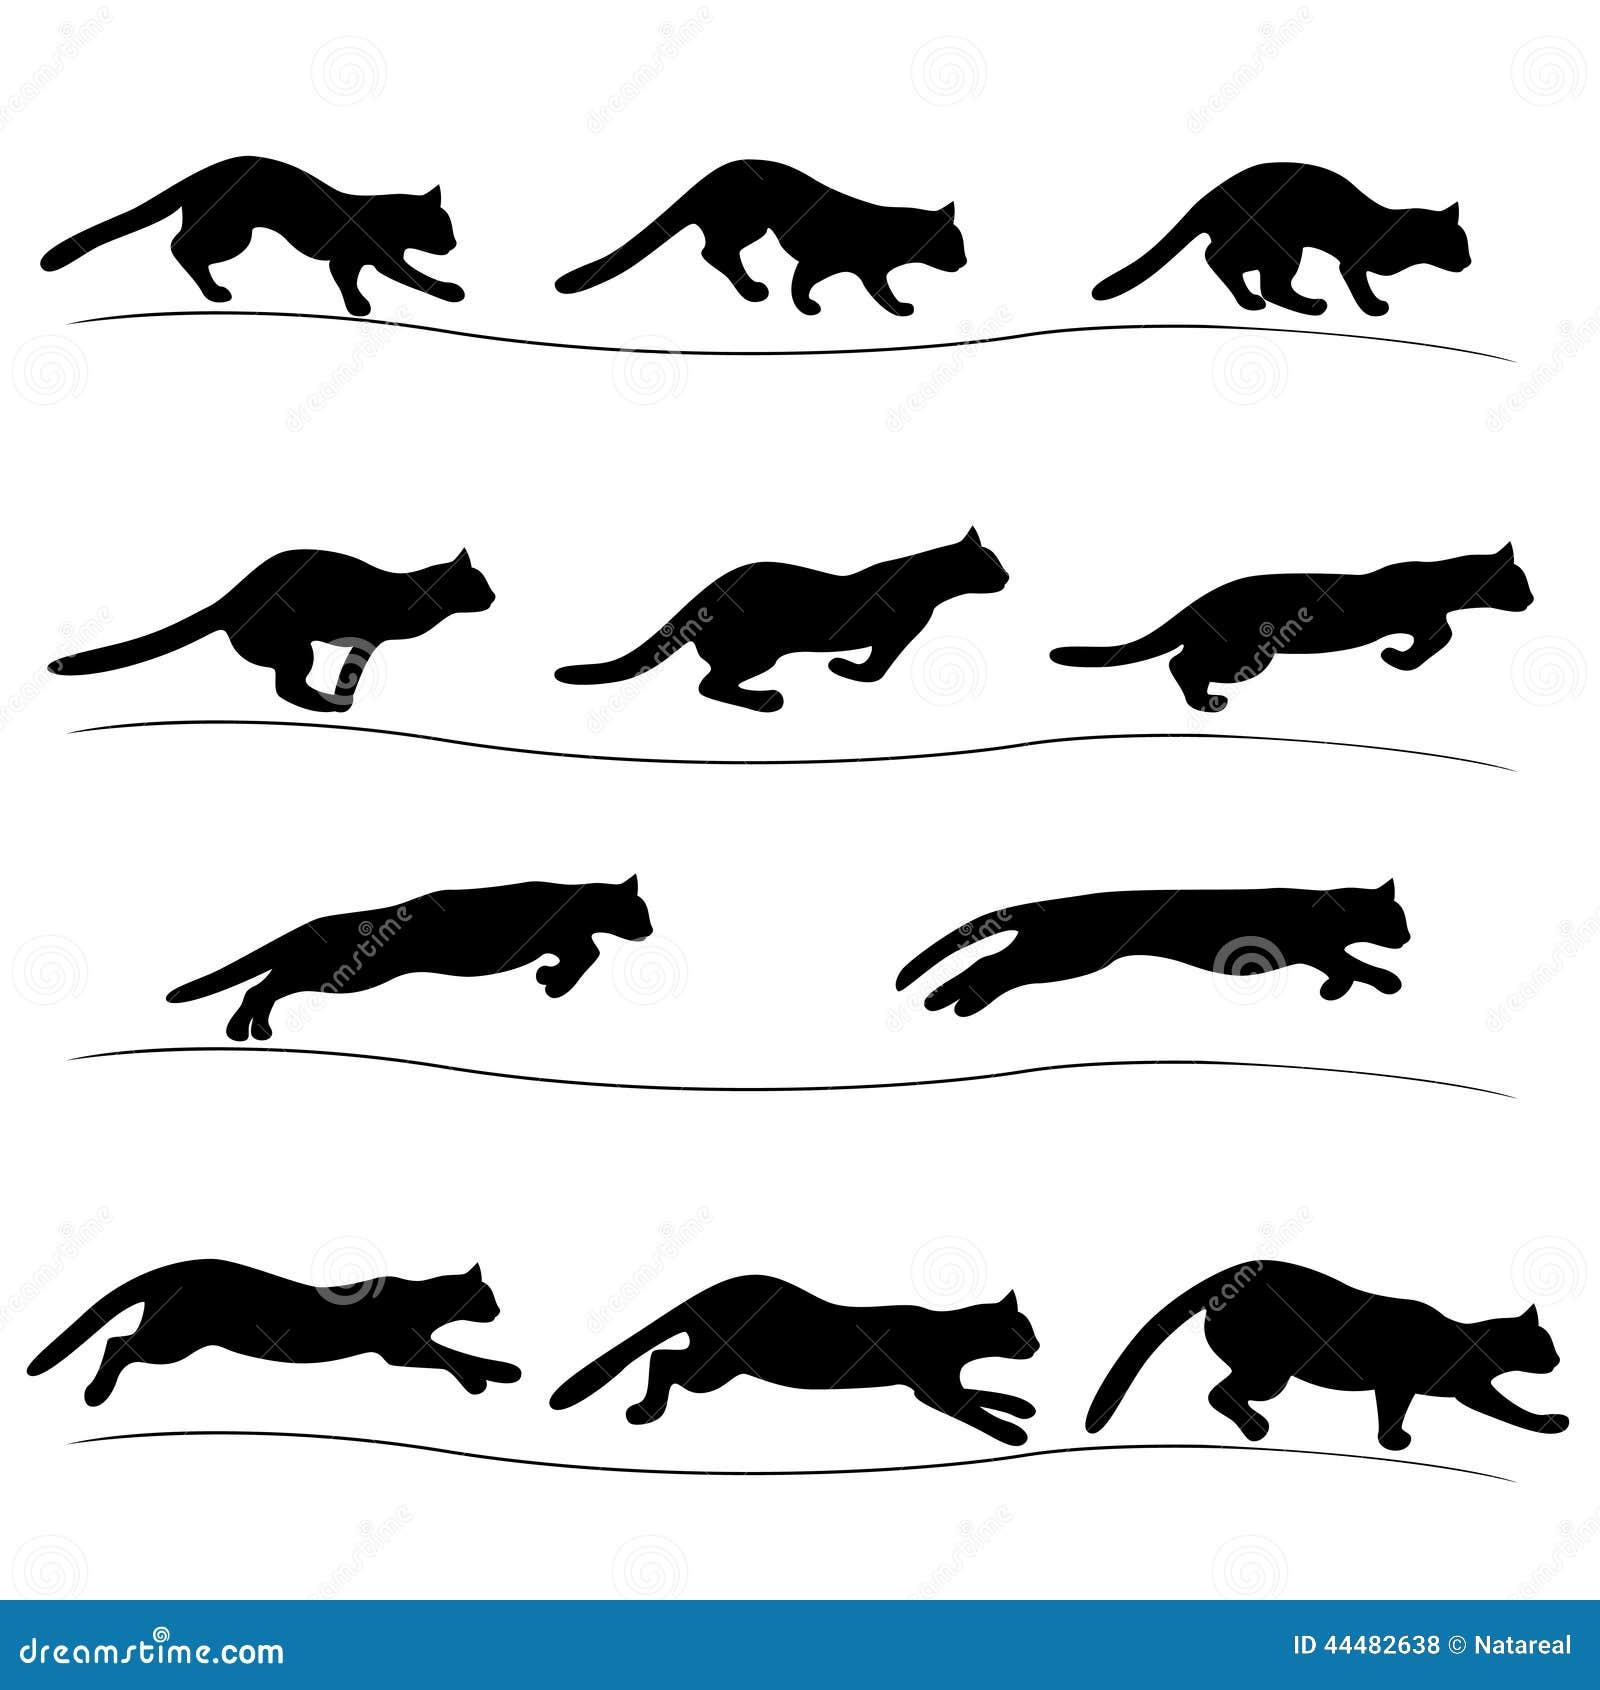 silueta de gato negro-#24